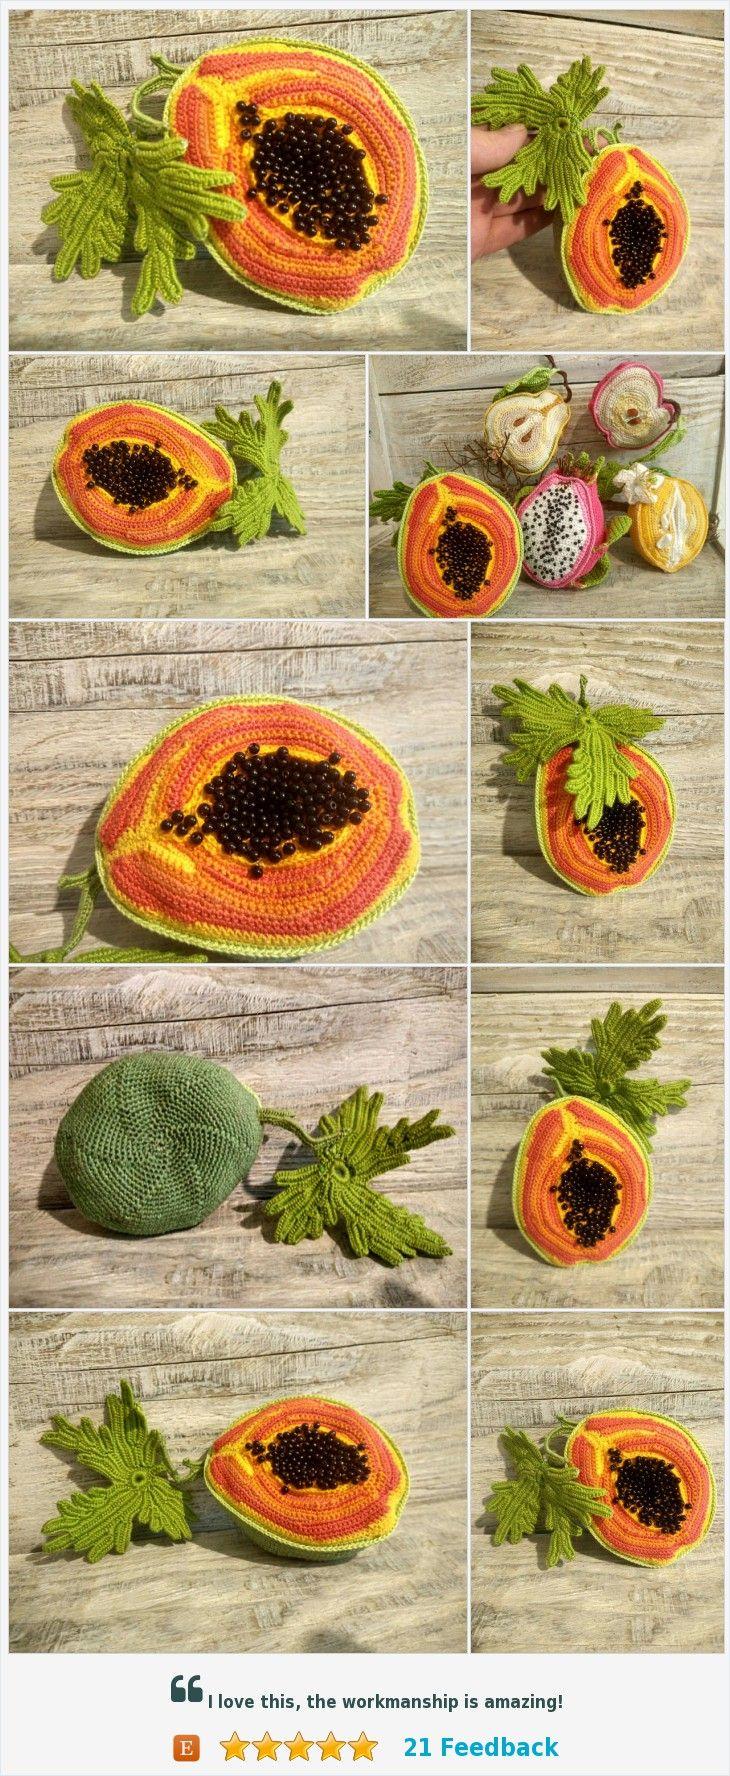 Papaya Orange Fruit Exotic Miniature Realistic Food Handmade Toy Decoration Gift Kitchen Decor Amigurumi Toy Knitted Tropical Fruit Papaya https://www.etsy.com/VintageVilageShop/listing/576412738/papaya-orange-fruit-exotic-miniature?ref=shop_home_active_3